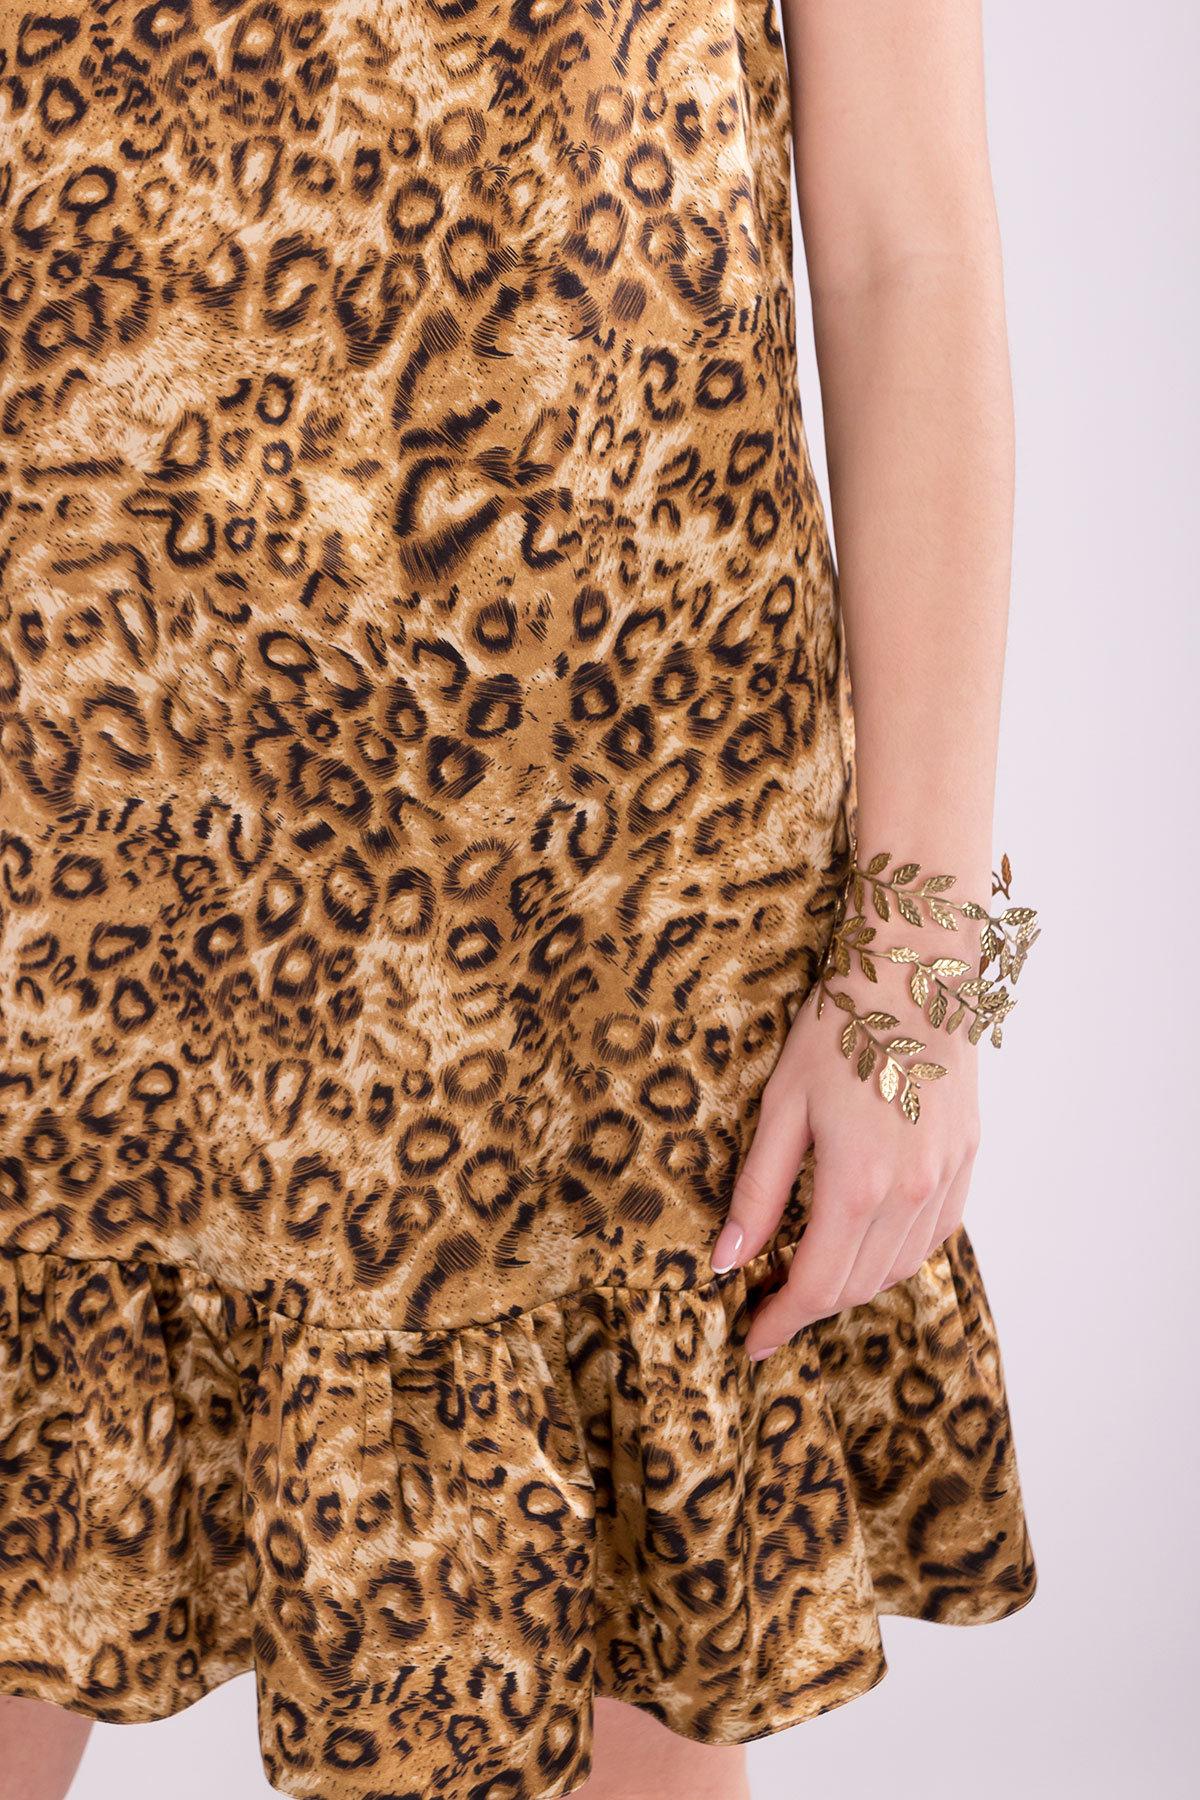 Платье Патрисия 6986 АРТ. 42518 Цвет: Леопард коричнев. - фото 4, интернет магазин tm-modus.ru